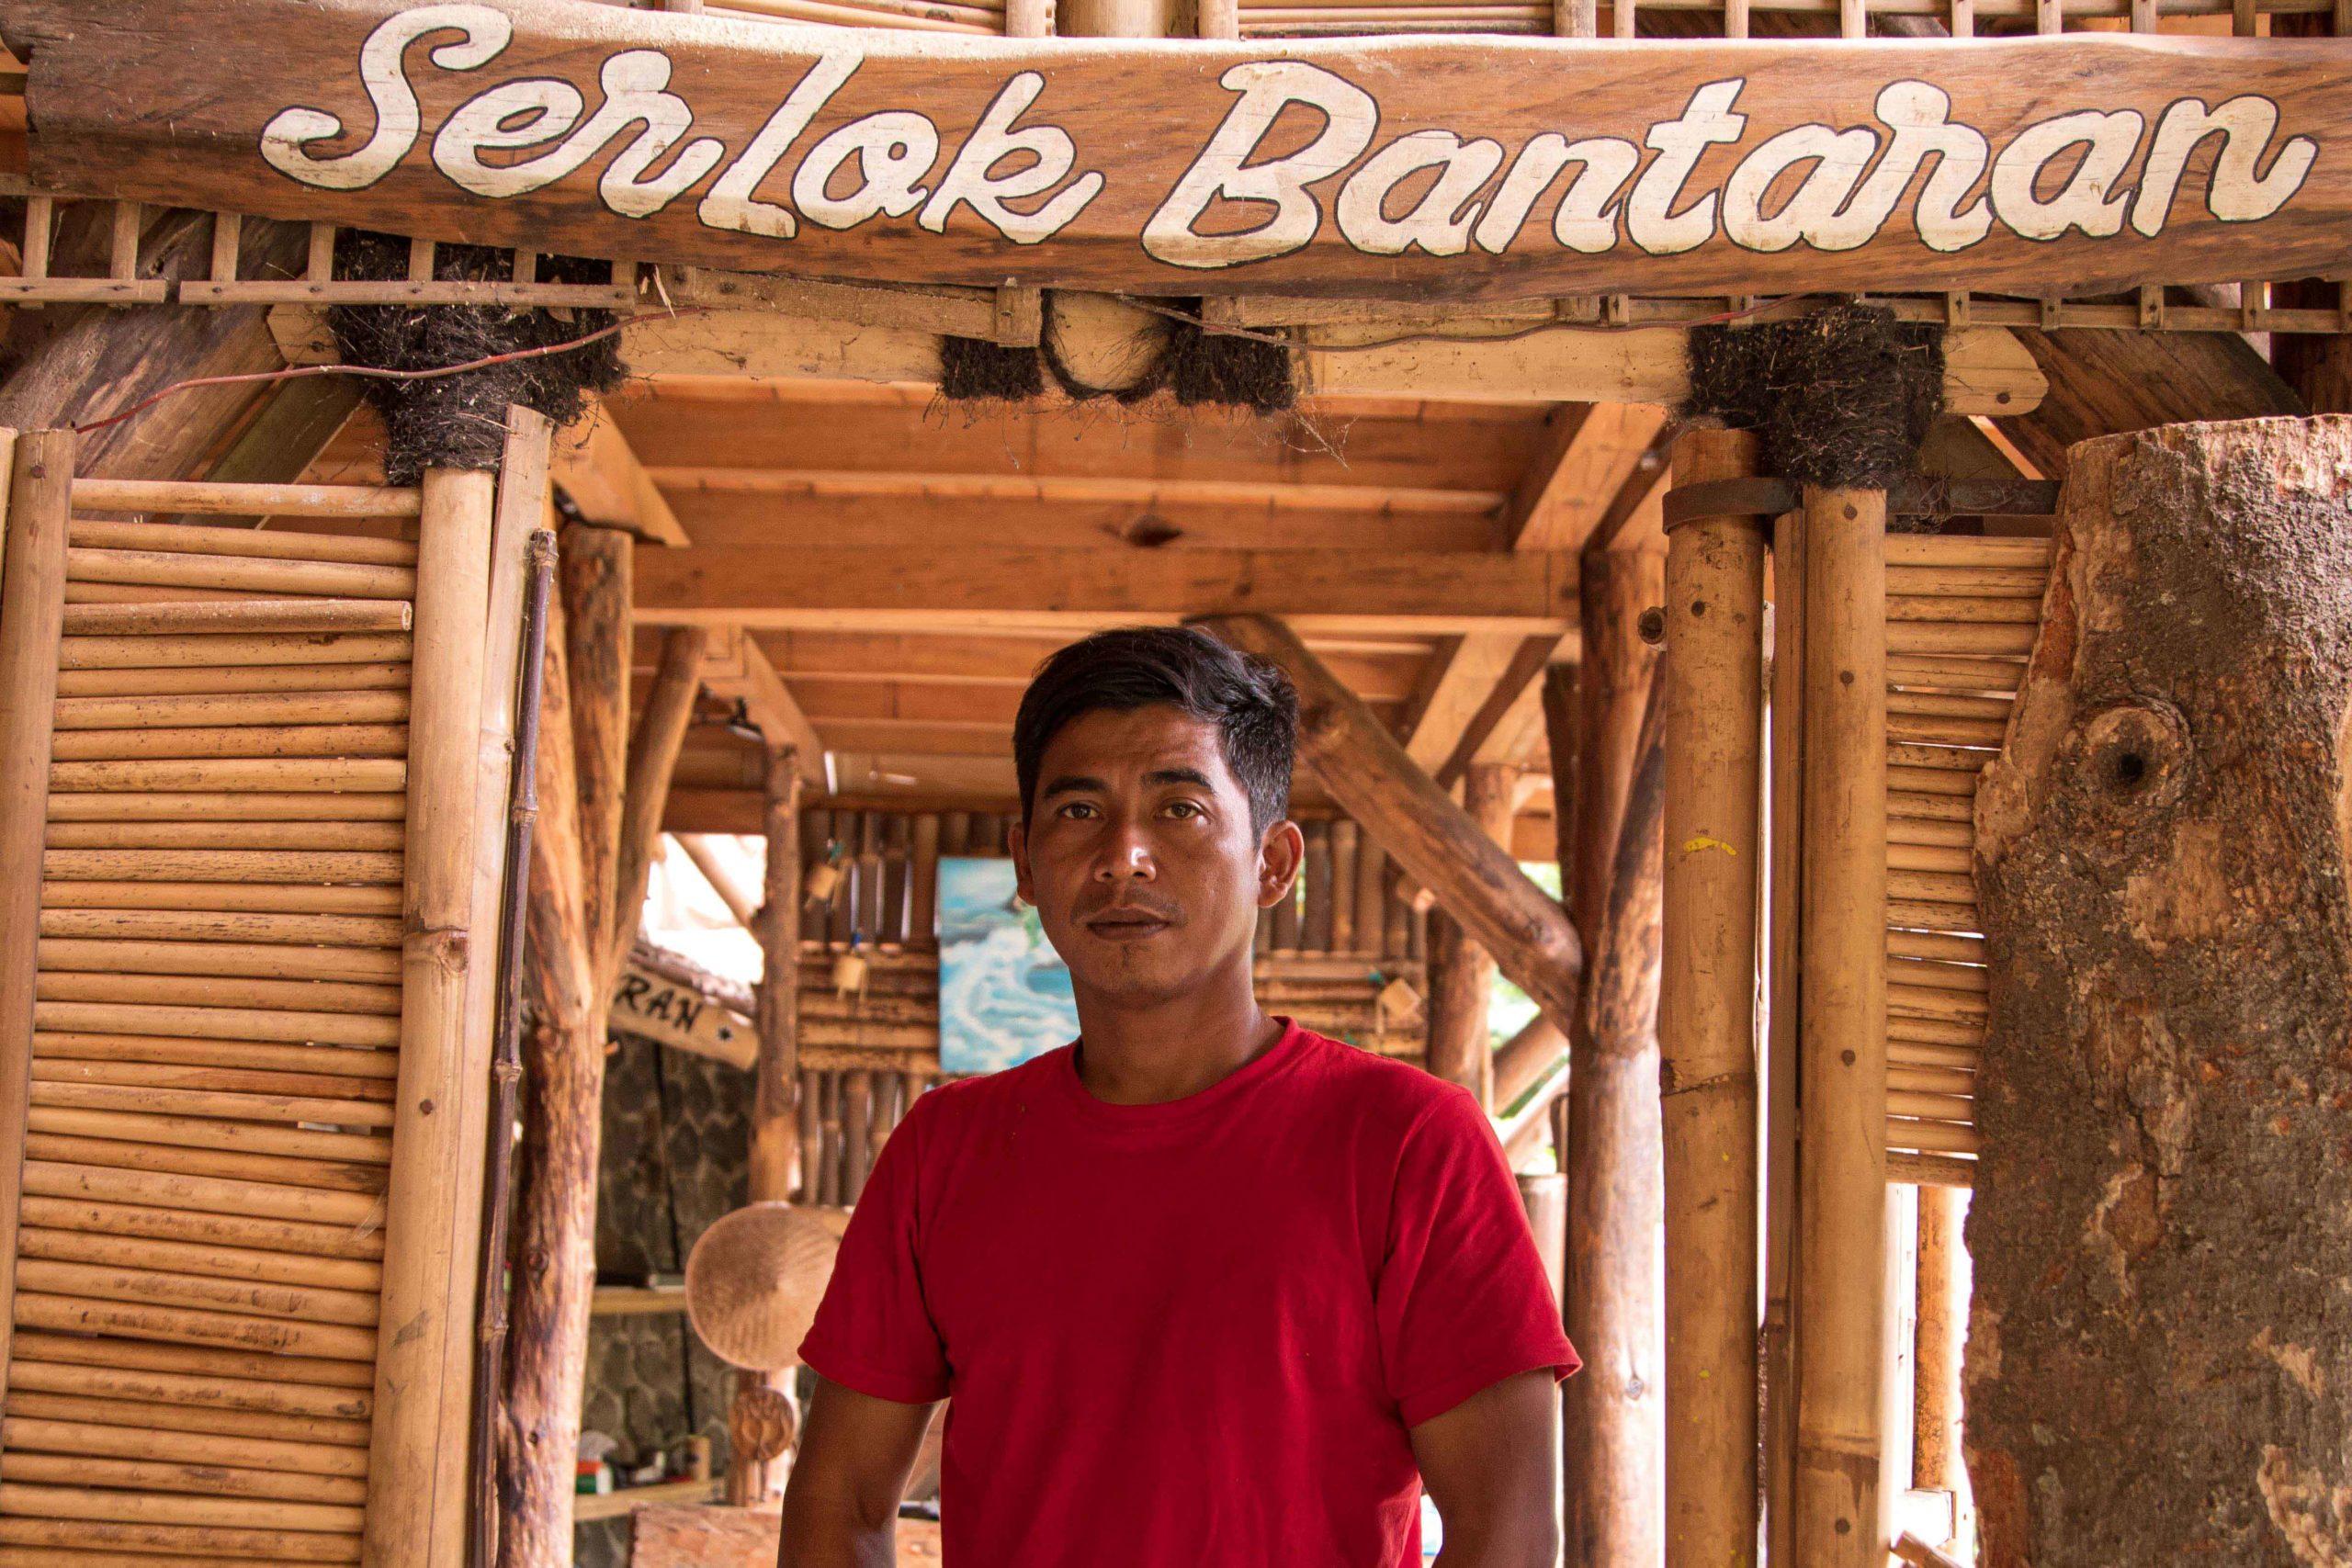 Nusep Supriyadi (40) Ketua Serlok Bantaran Kota Bandung. Didirikan pada 2018, kelompok ini konsisten melakukan penanaman, pembudidayaan ikan lokal, pemeliharan mata air dan rutin susur sungai di Sungai Cikapundung. Foto: Donny Iqbal/Mongabay Indonesia